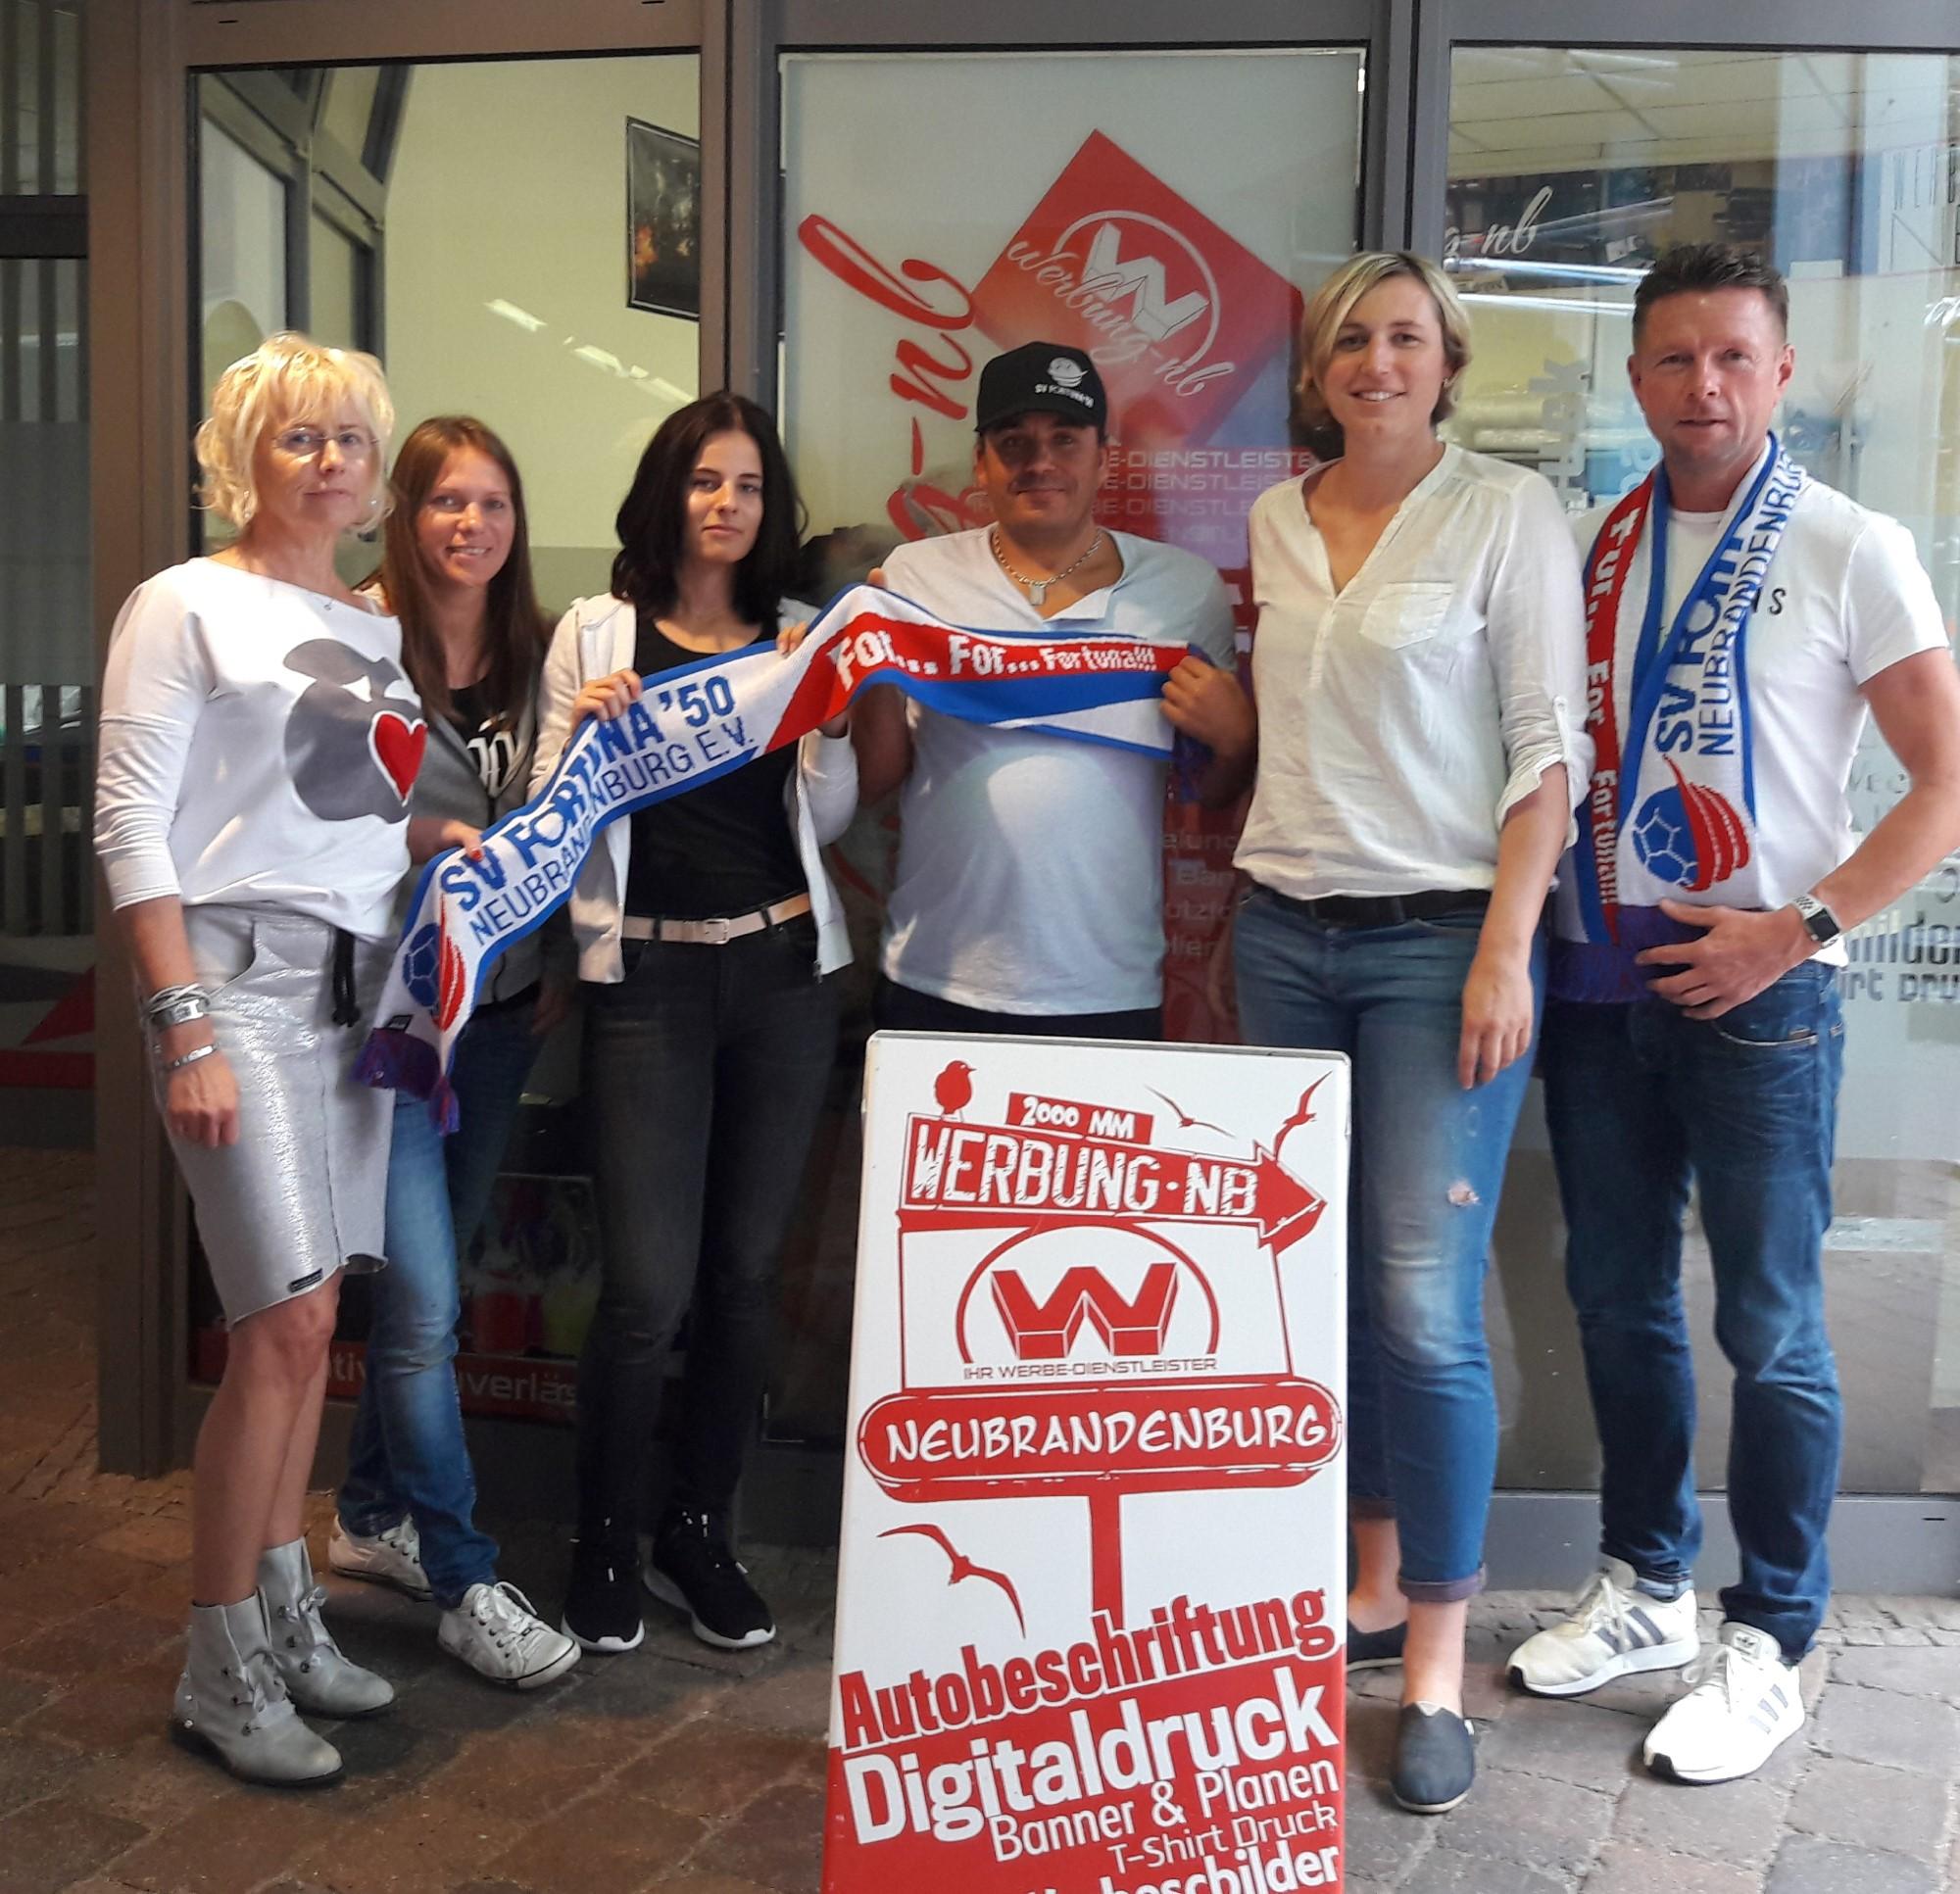 werbung-nb bleibt Sponsor - SV Fortuna ´50 Neubrandenburg